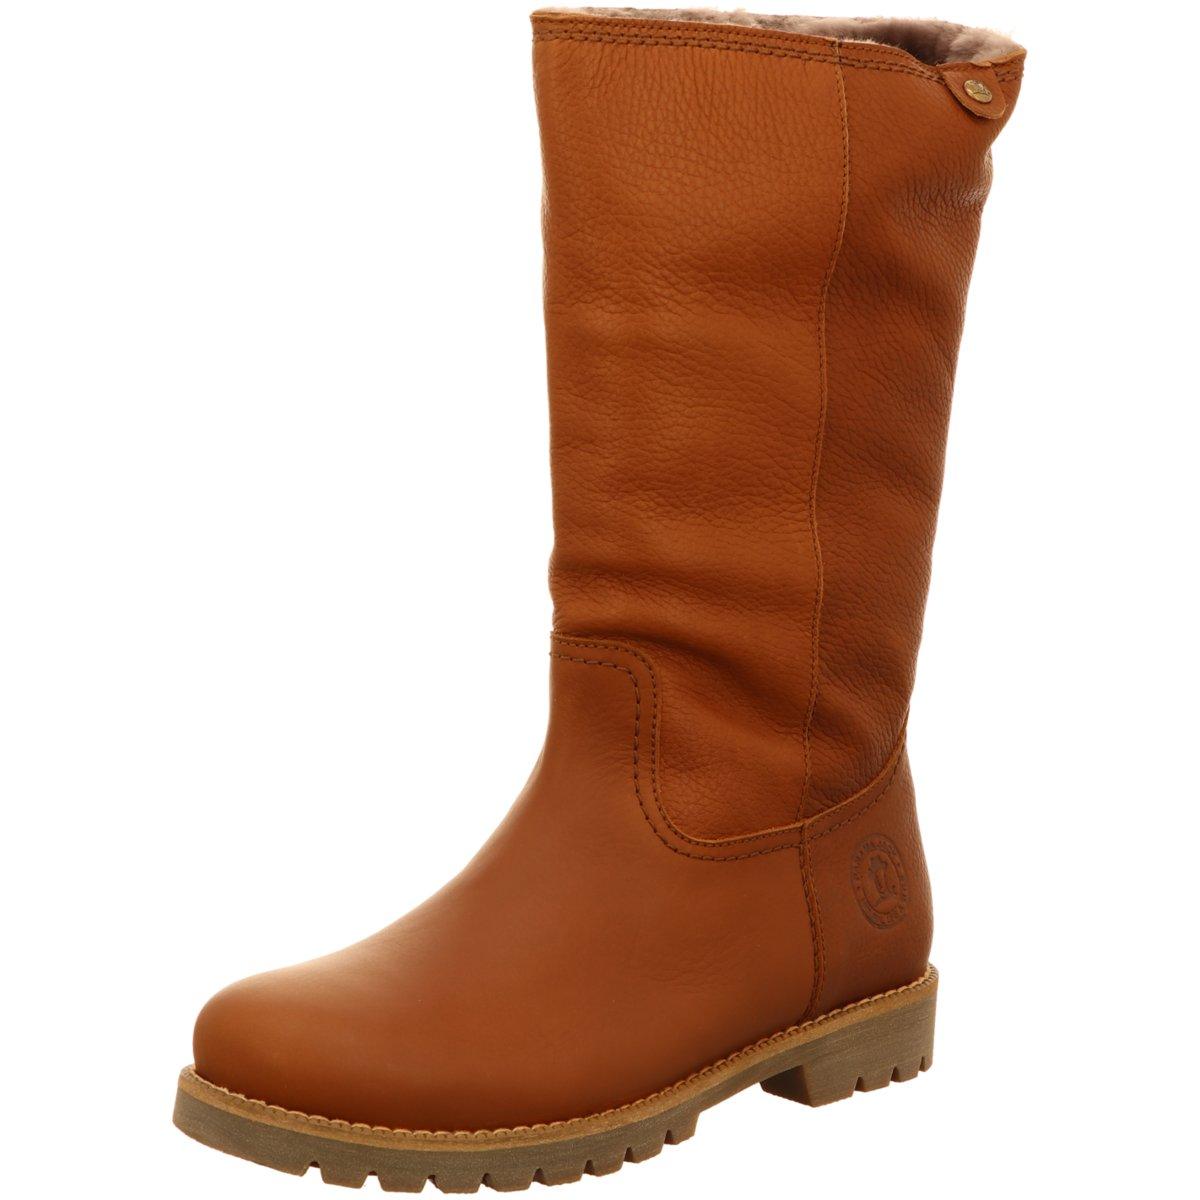 NEU Panama Jack Damen Stiefel BAMBINA IGLOO B2 braun 350691